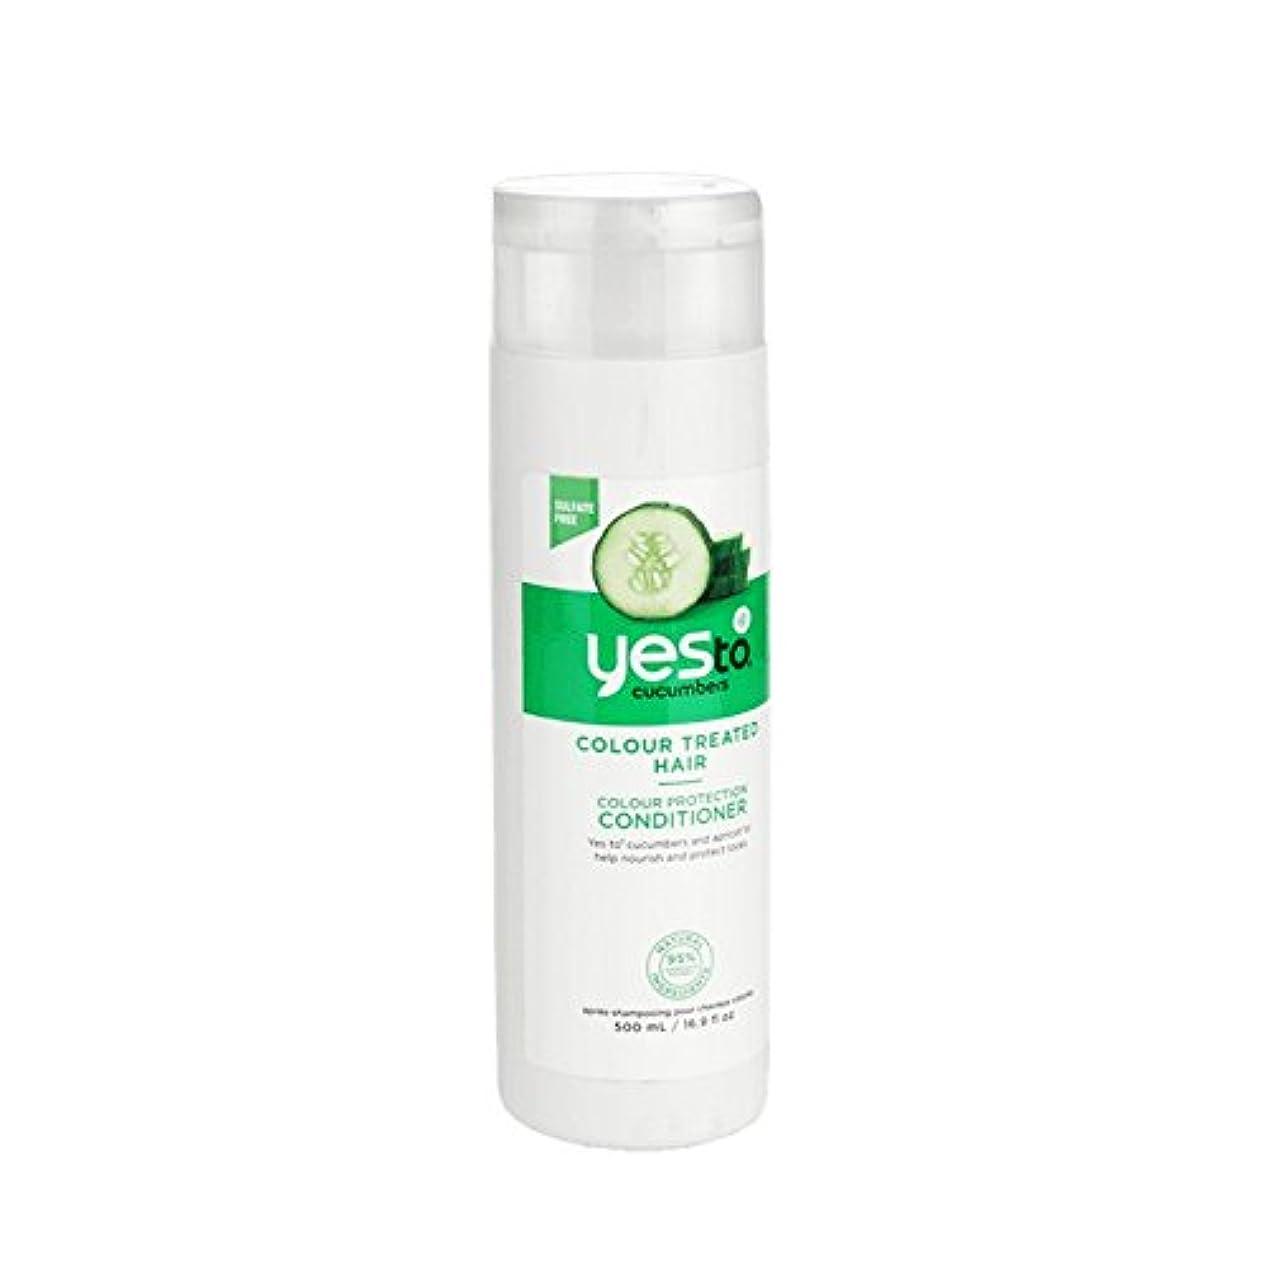 コンサートリダクター陰気Yes To Cucumbers Colour Protection Conditioner 500ml (Pack of 2) - はいキュウリの色の保護コンディショナー500ミリリットルへ (x2) [並行輸入品]